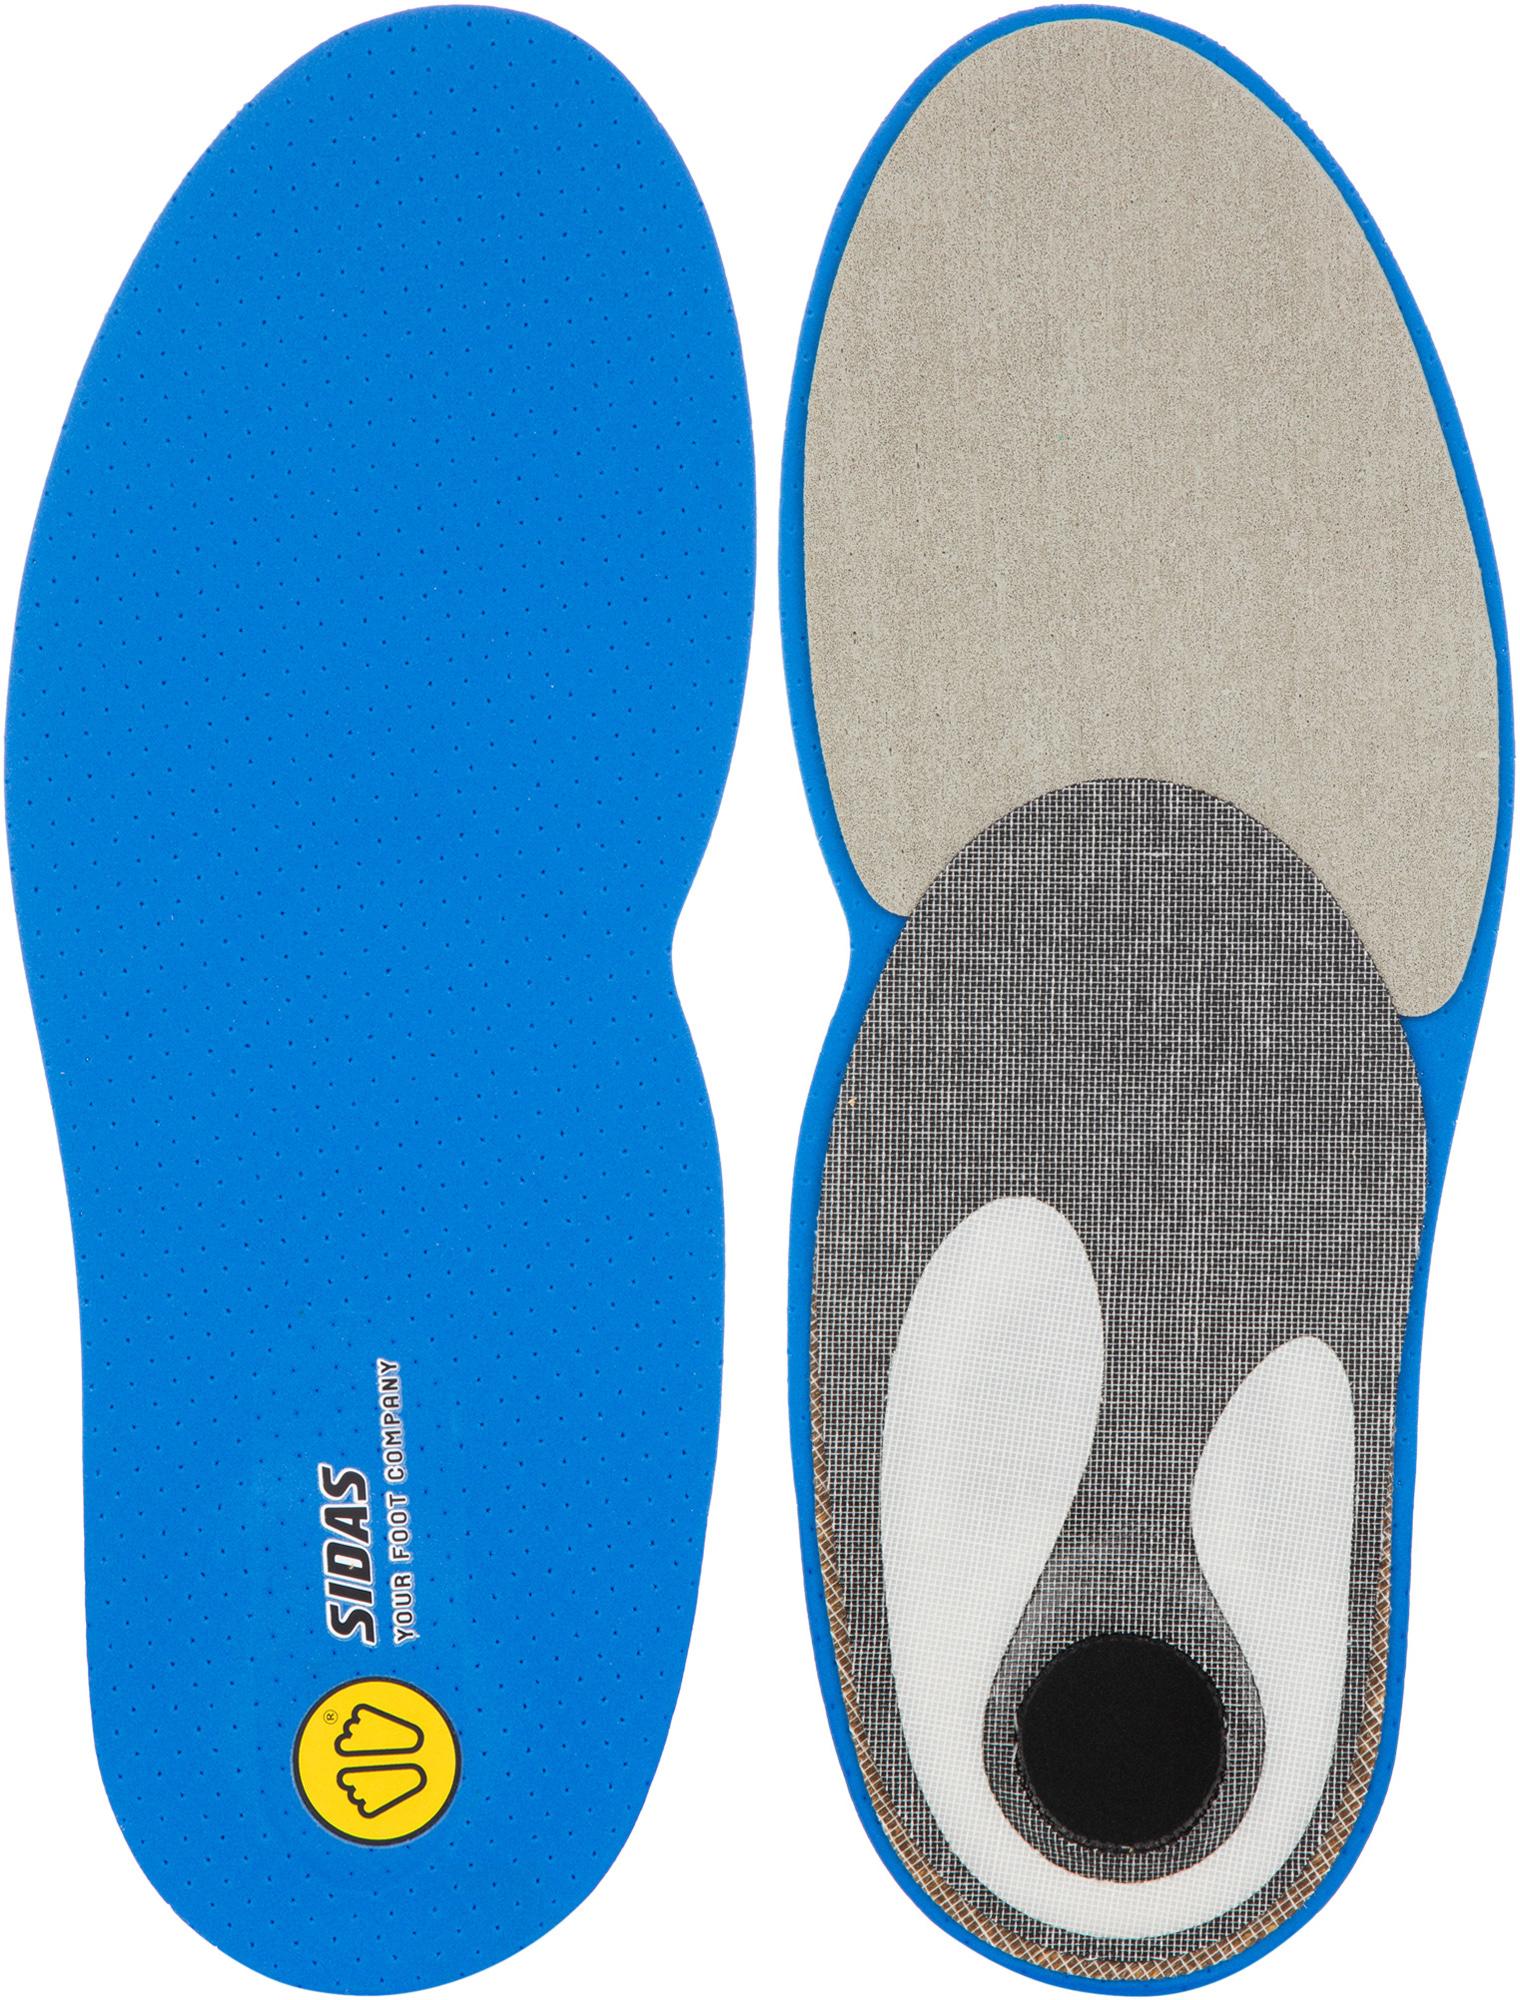 Sidas Стельки Sidas Custom Run, размер 46.5-48